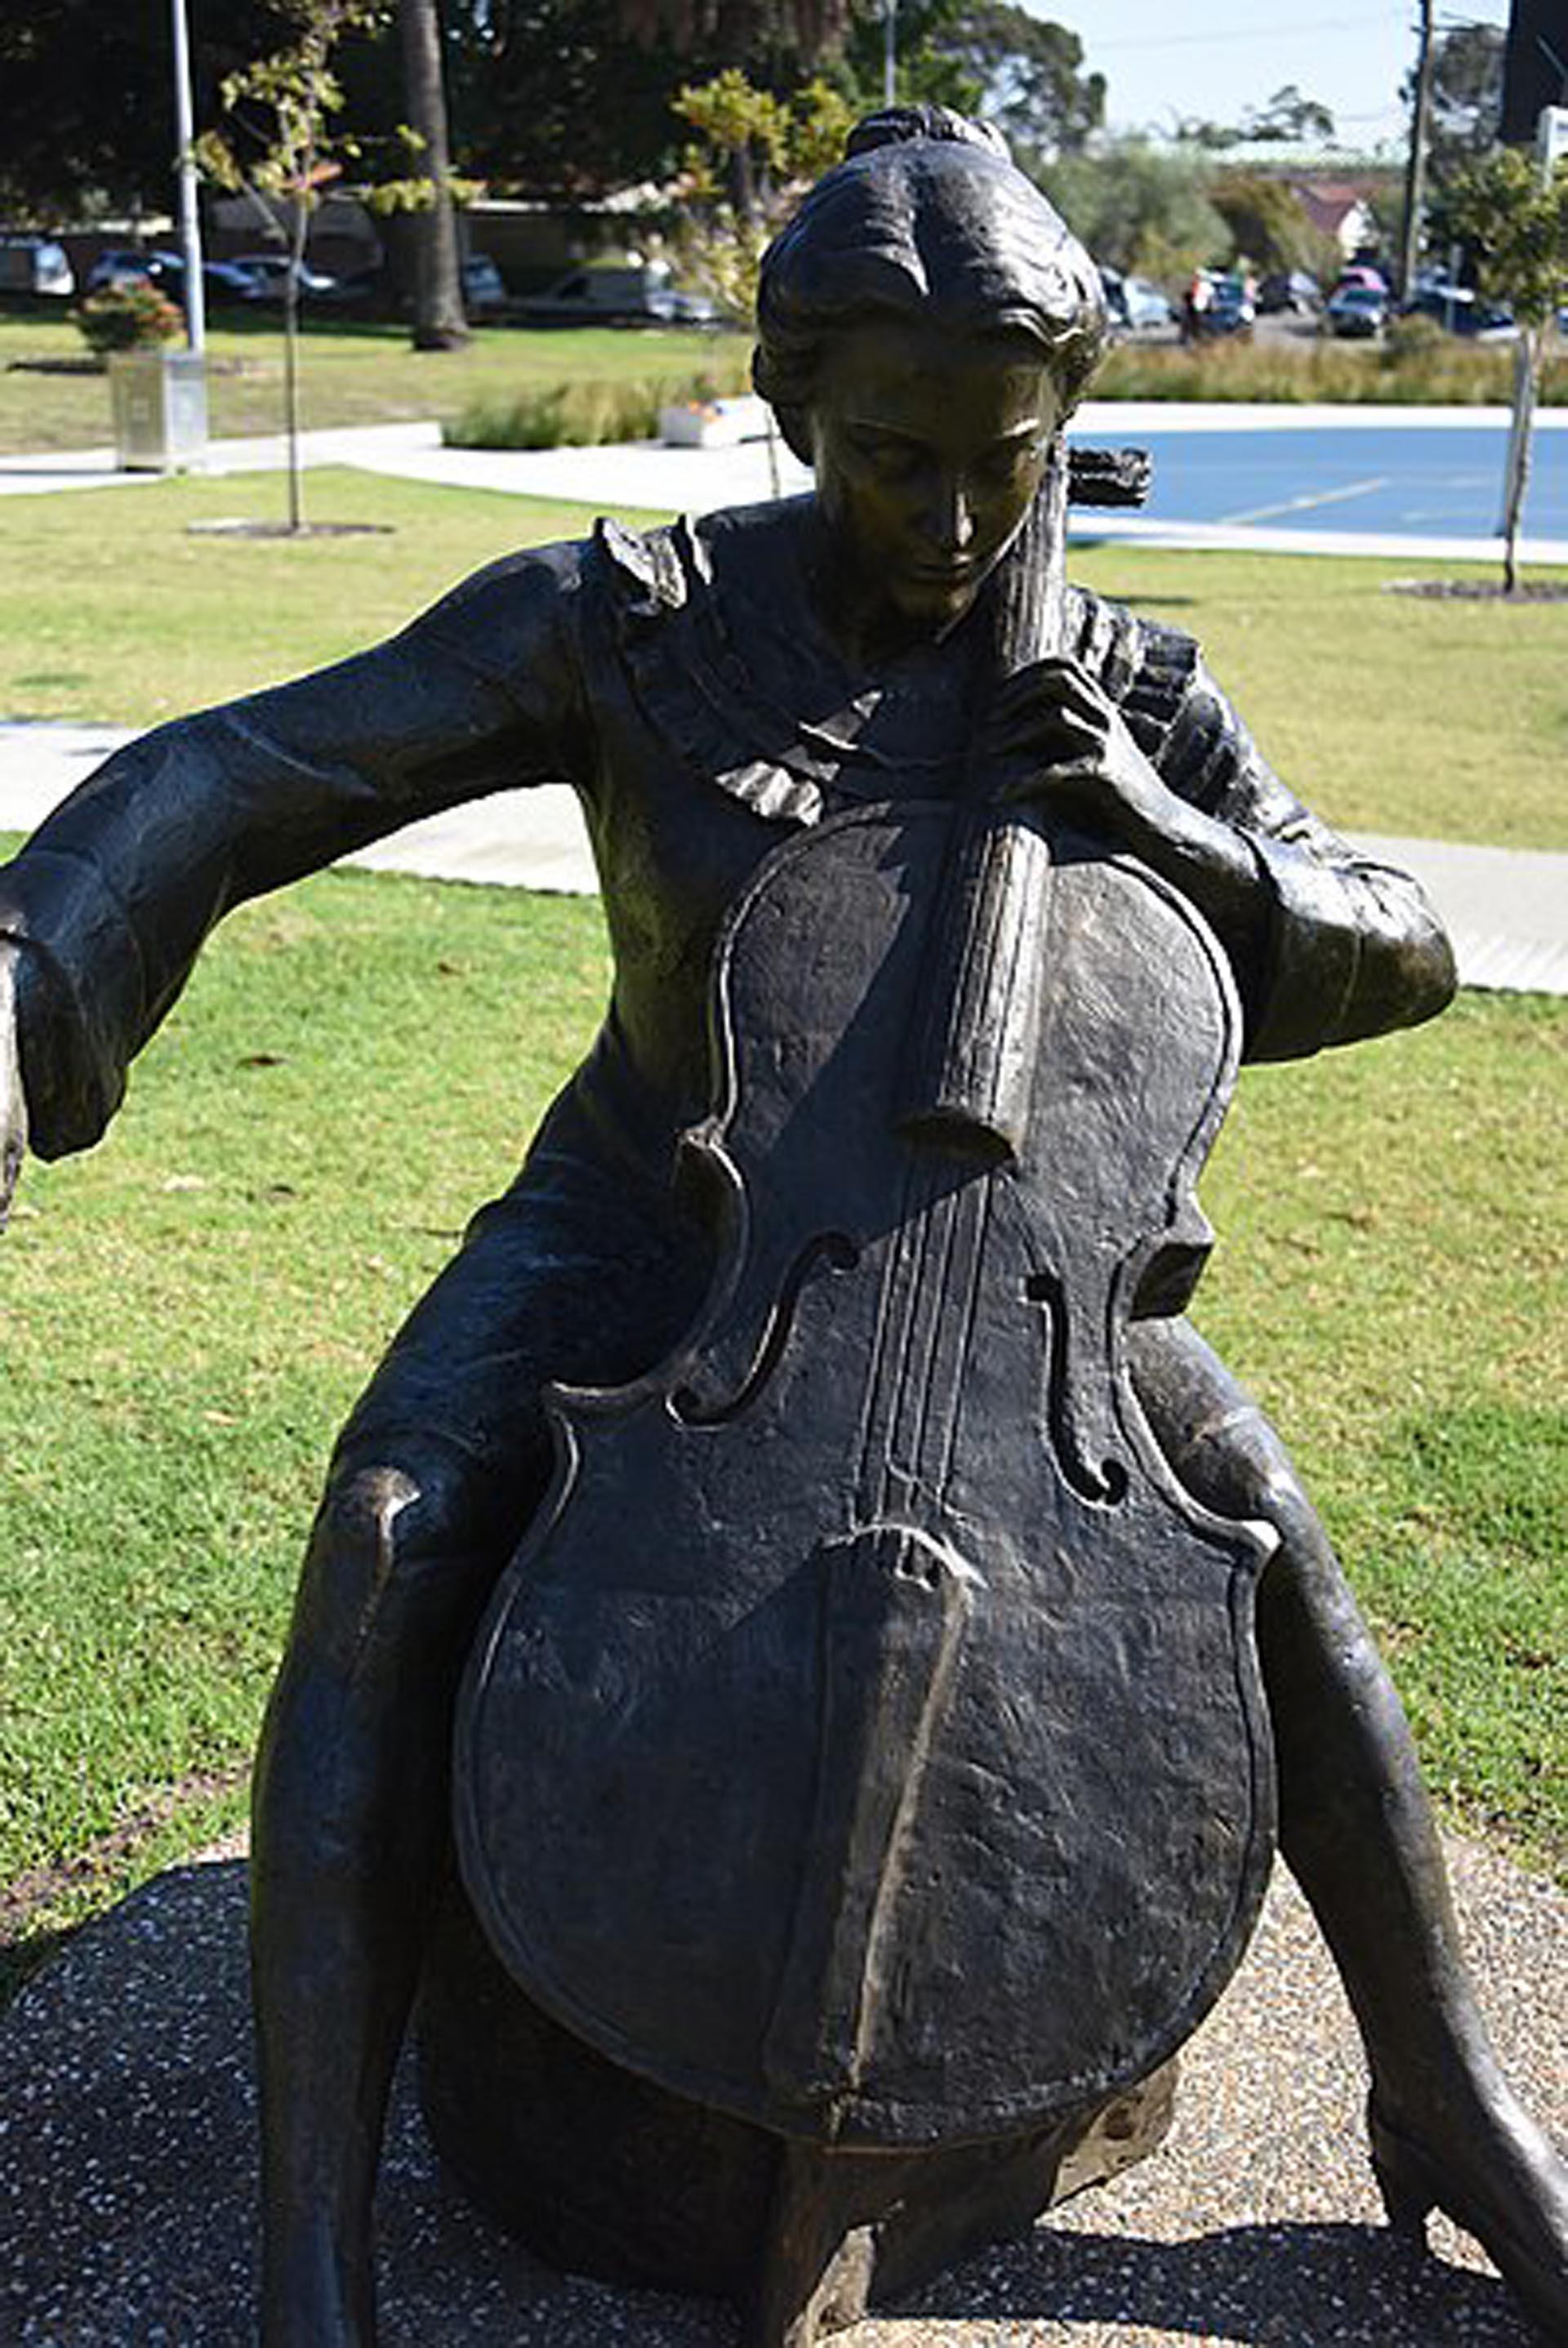 Una de las varias estatuas que hay en en mundo en su honor. En este caso en Kensington, Sydney